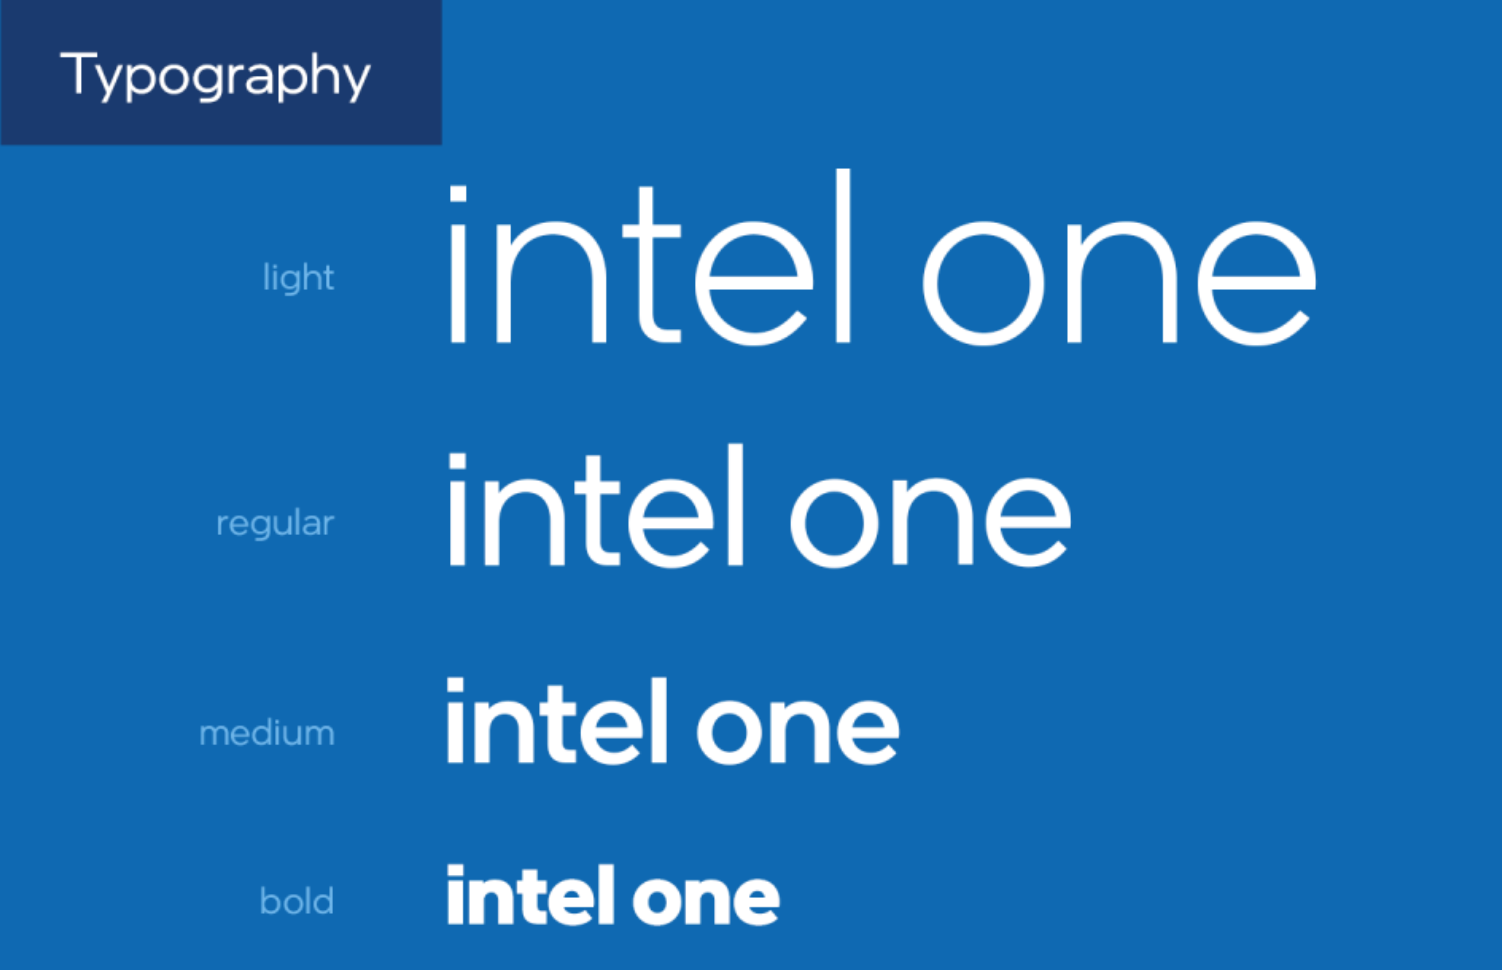 Tipografía Intel one